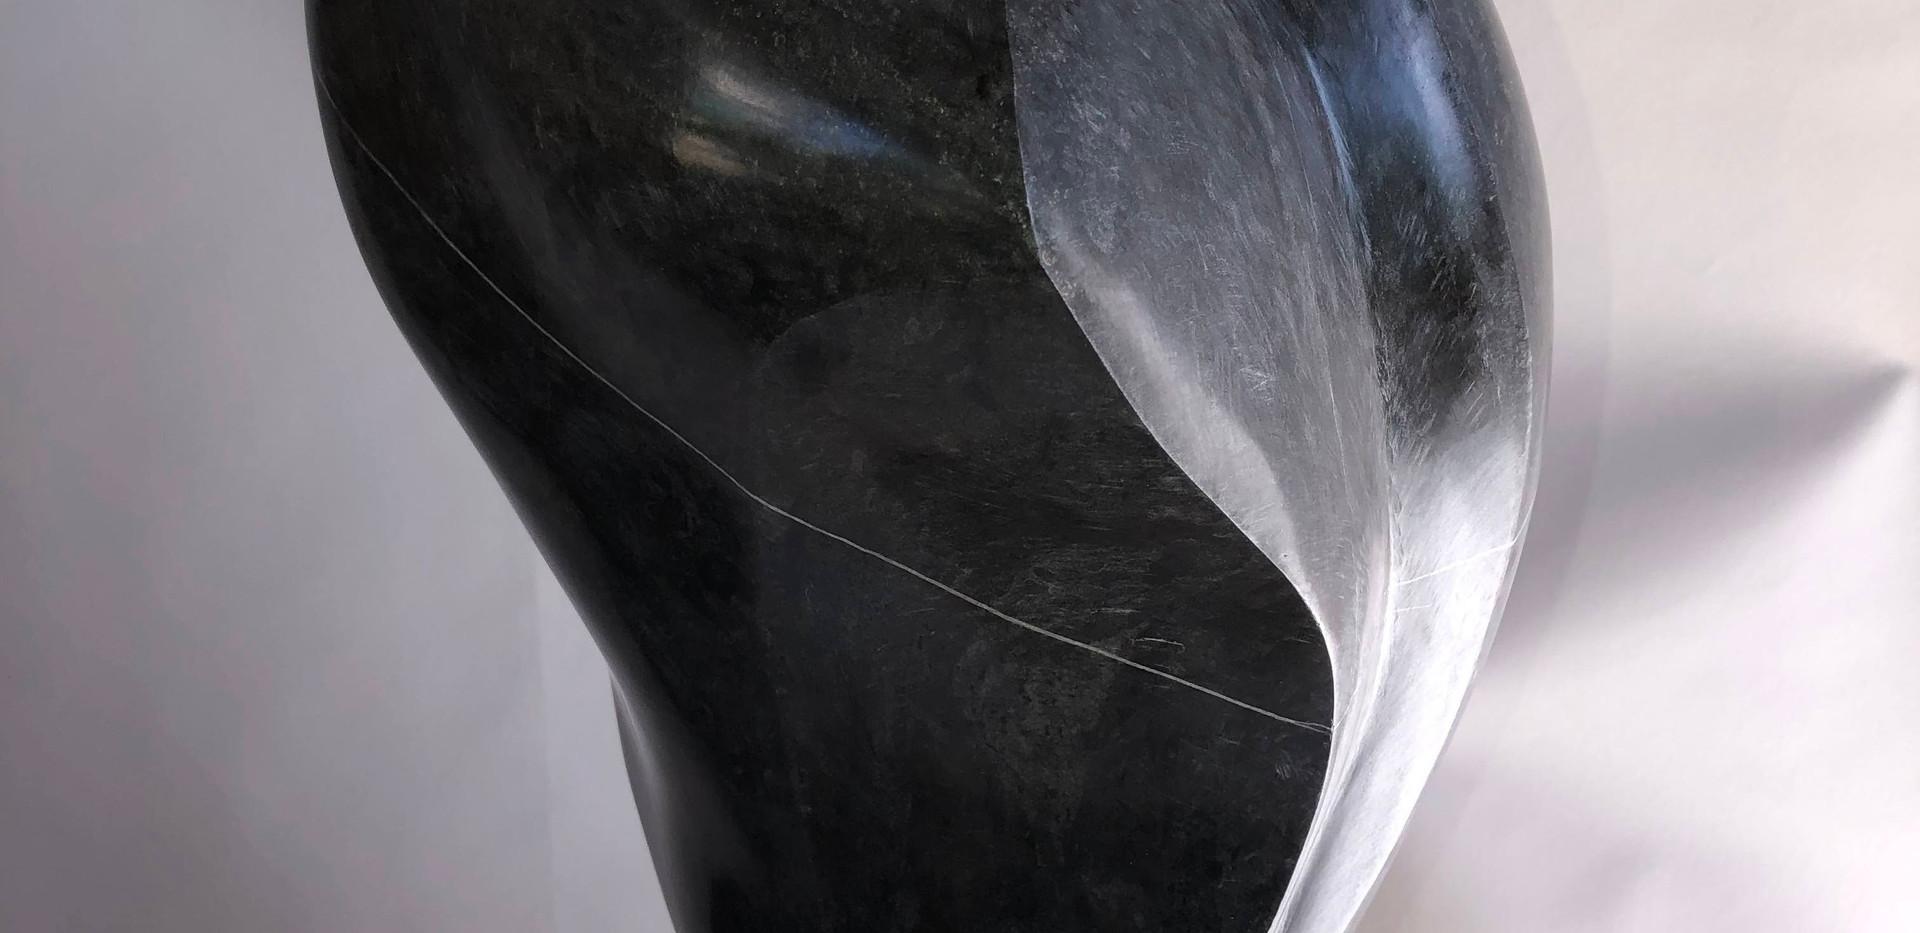 Mondnachtgesicht, Kalkstein Ringgenberg, BE auf Eichensockel. H 127 cm, 22x30cm, 2020